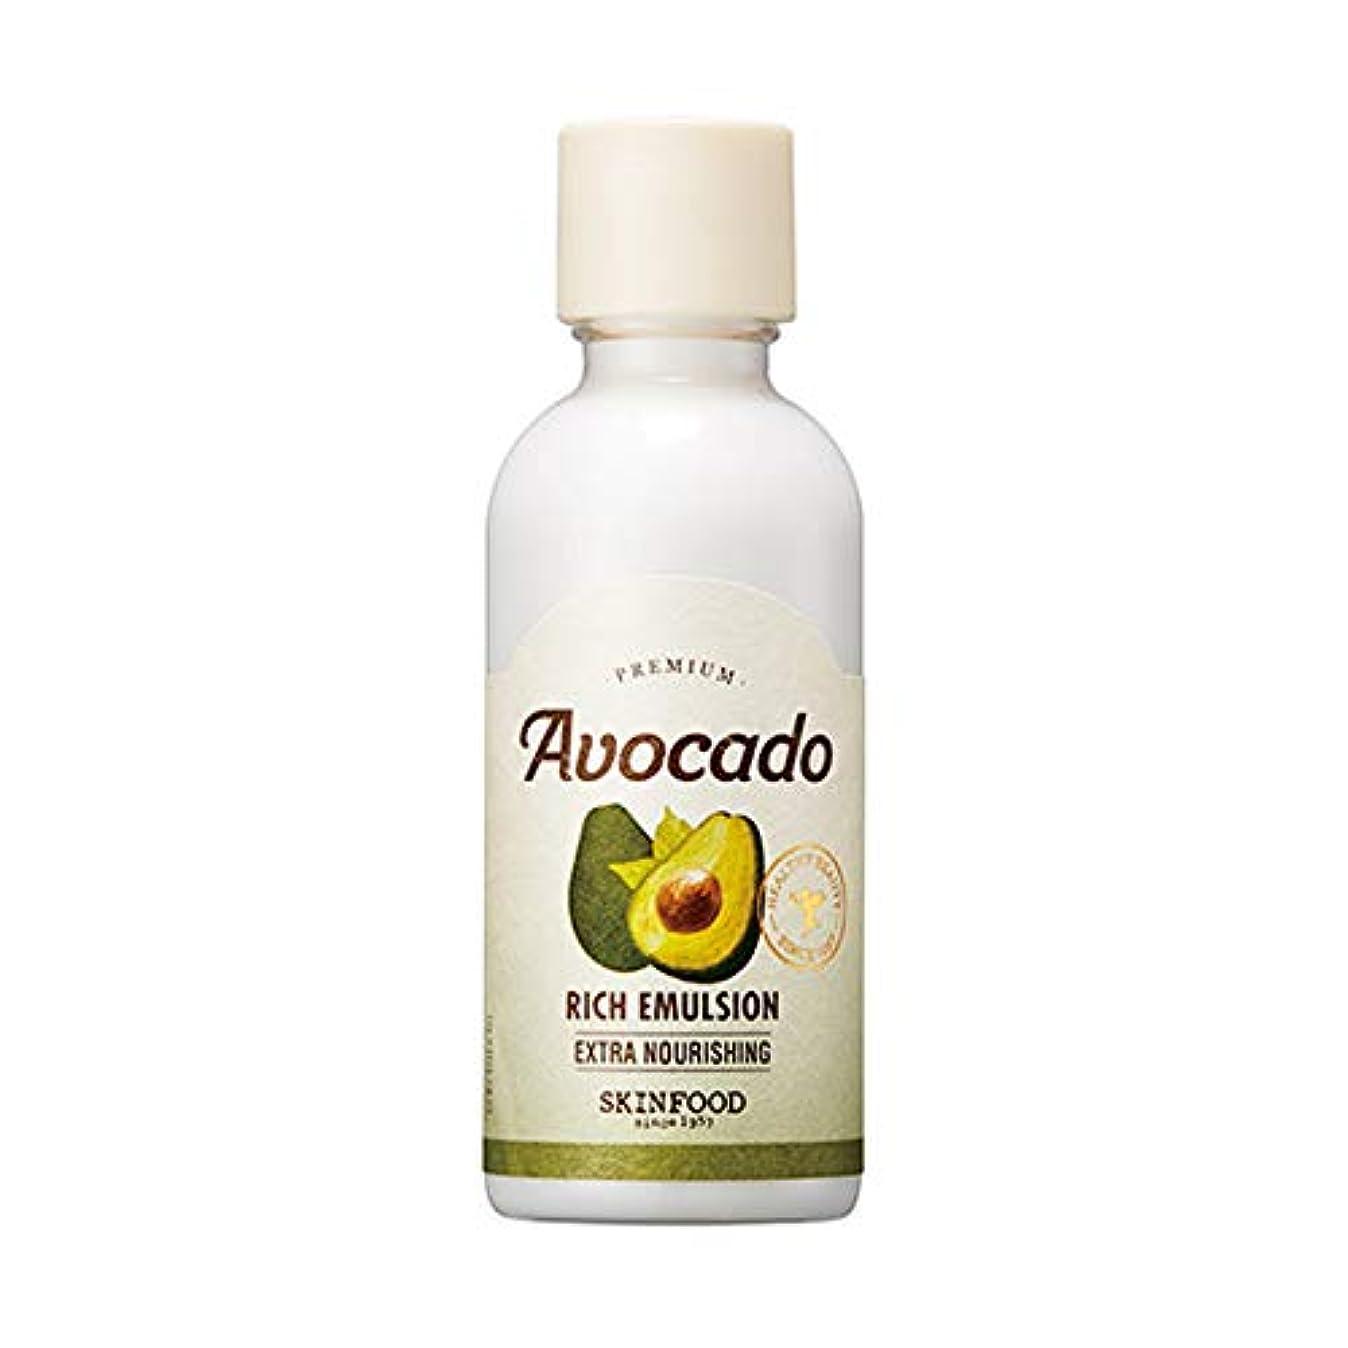 ディスコモルヒネアイロニーSkinfood プレミアムアボカドリッチエマルジョン/Premium Avocado Rich Emulsion 160ml [並行輸入品]